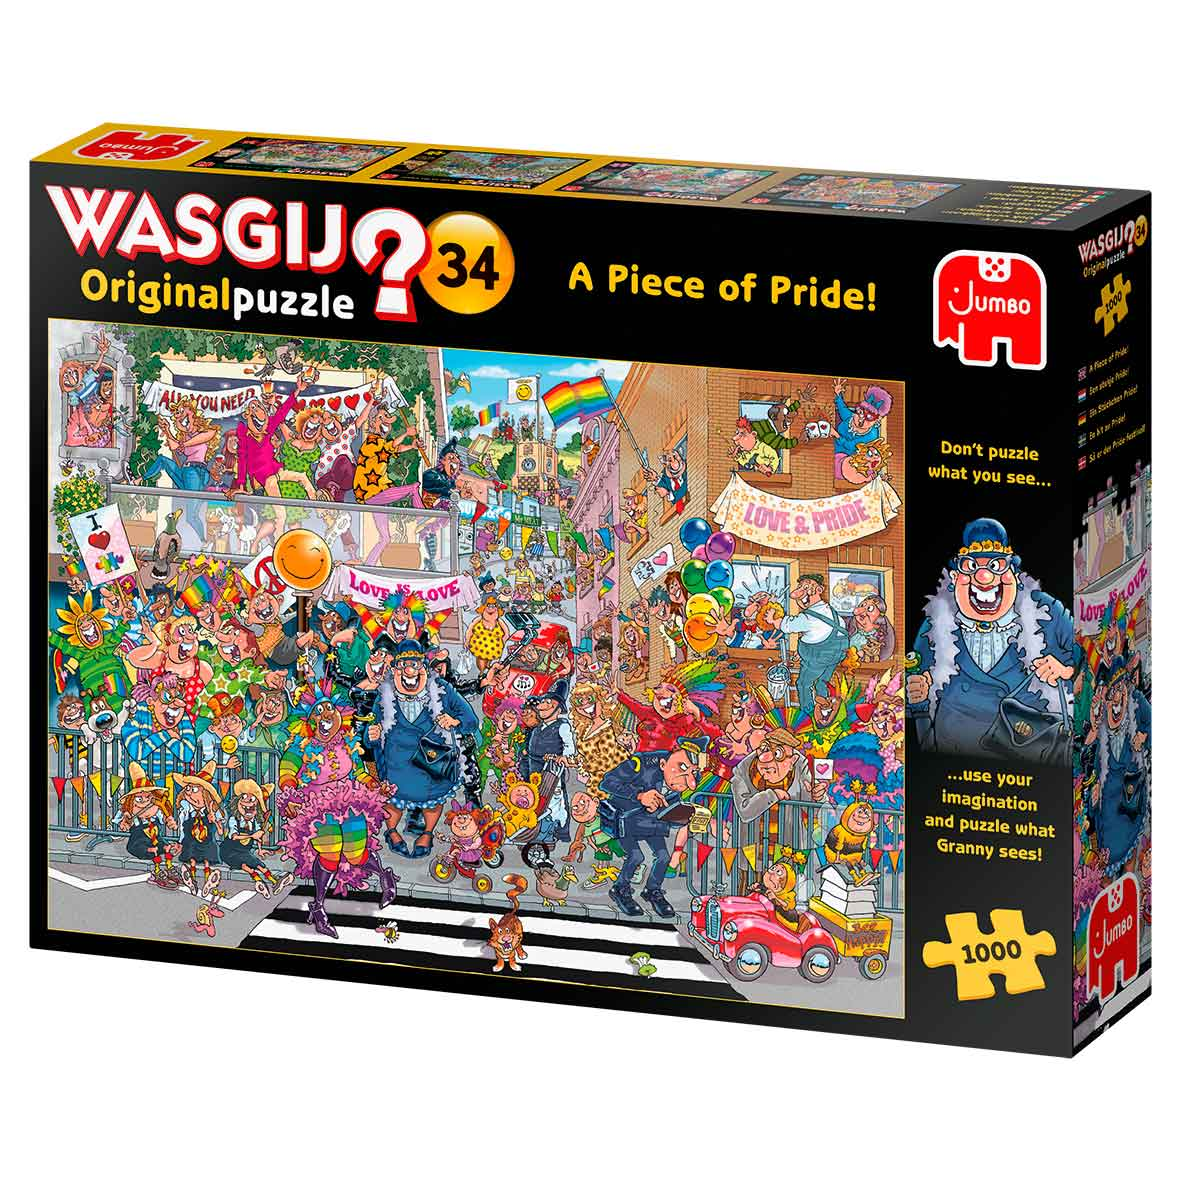 Puzzle Jumbo Original Una Pizca de Orgullo de 1000 Piezas